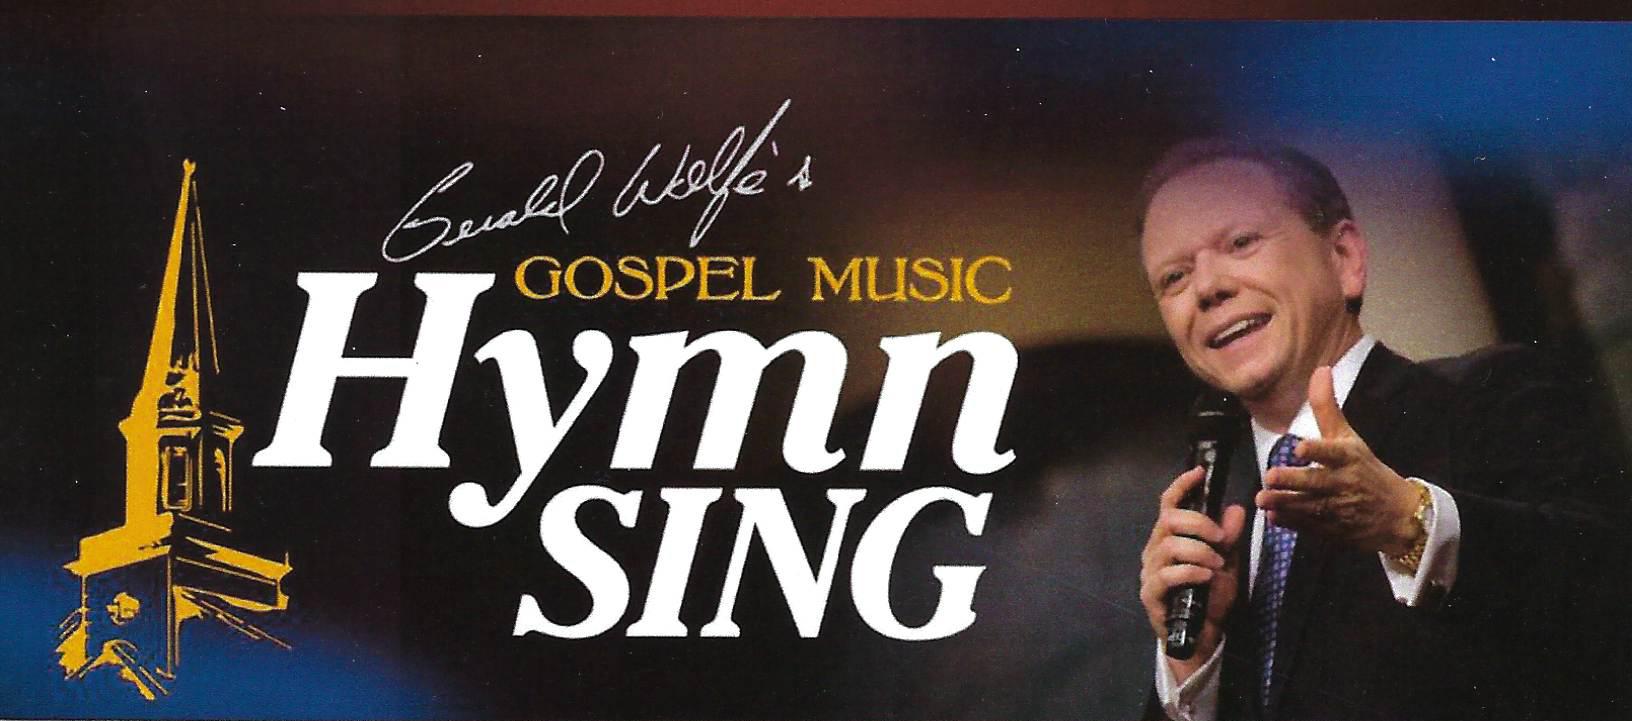 Gospel Hymn Sing-header.jpg